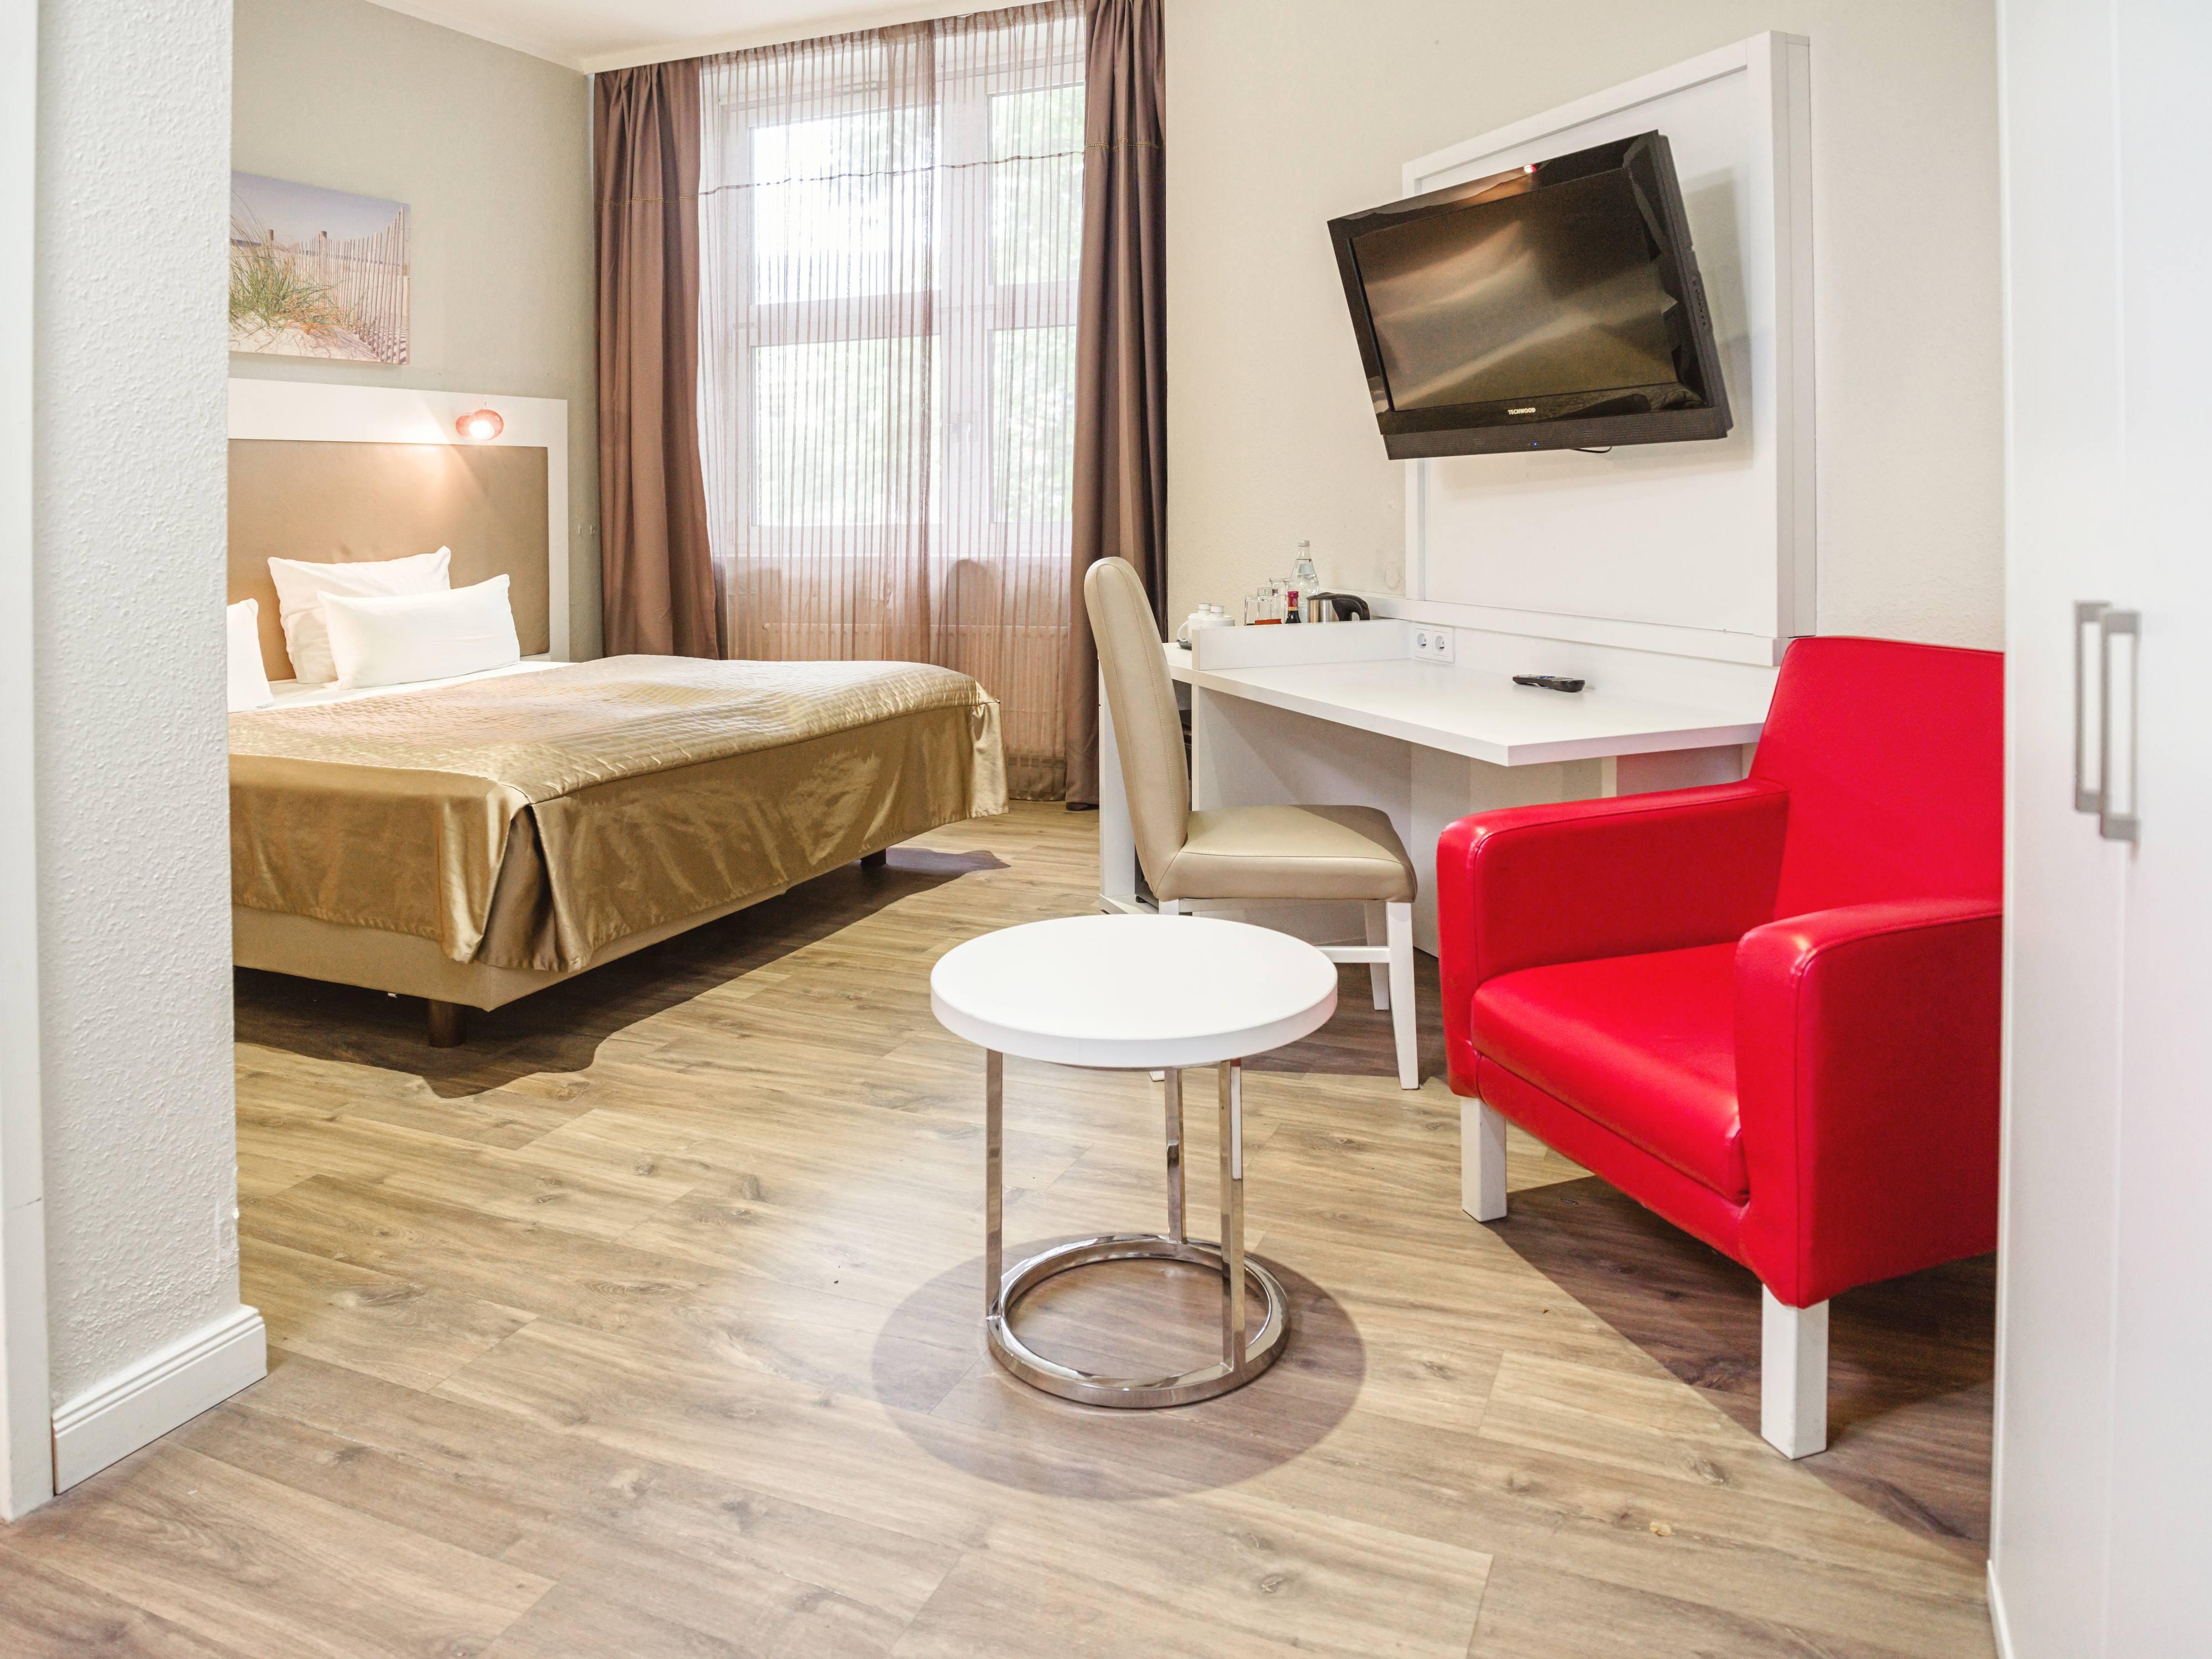 nordic hotel domicil in hamburg holidaycheck hamburg deutschland. Black Bedroom Furniture Sets. Home Design Ideas